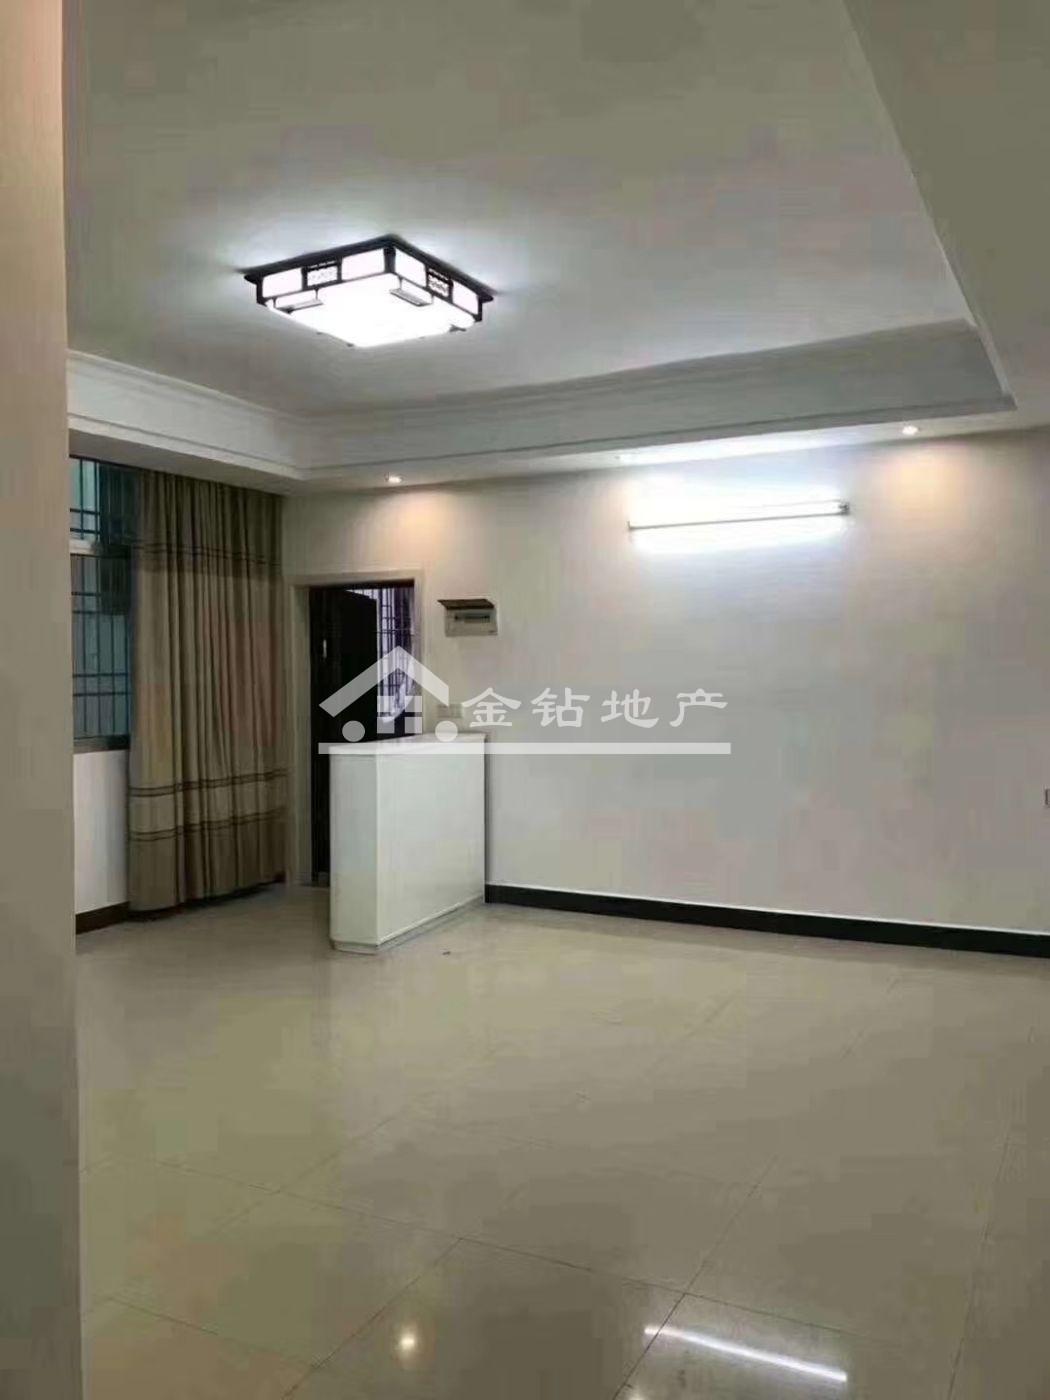 小蓝天69.9万3室2厅2卫普通装修,格局好价钱合理